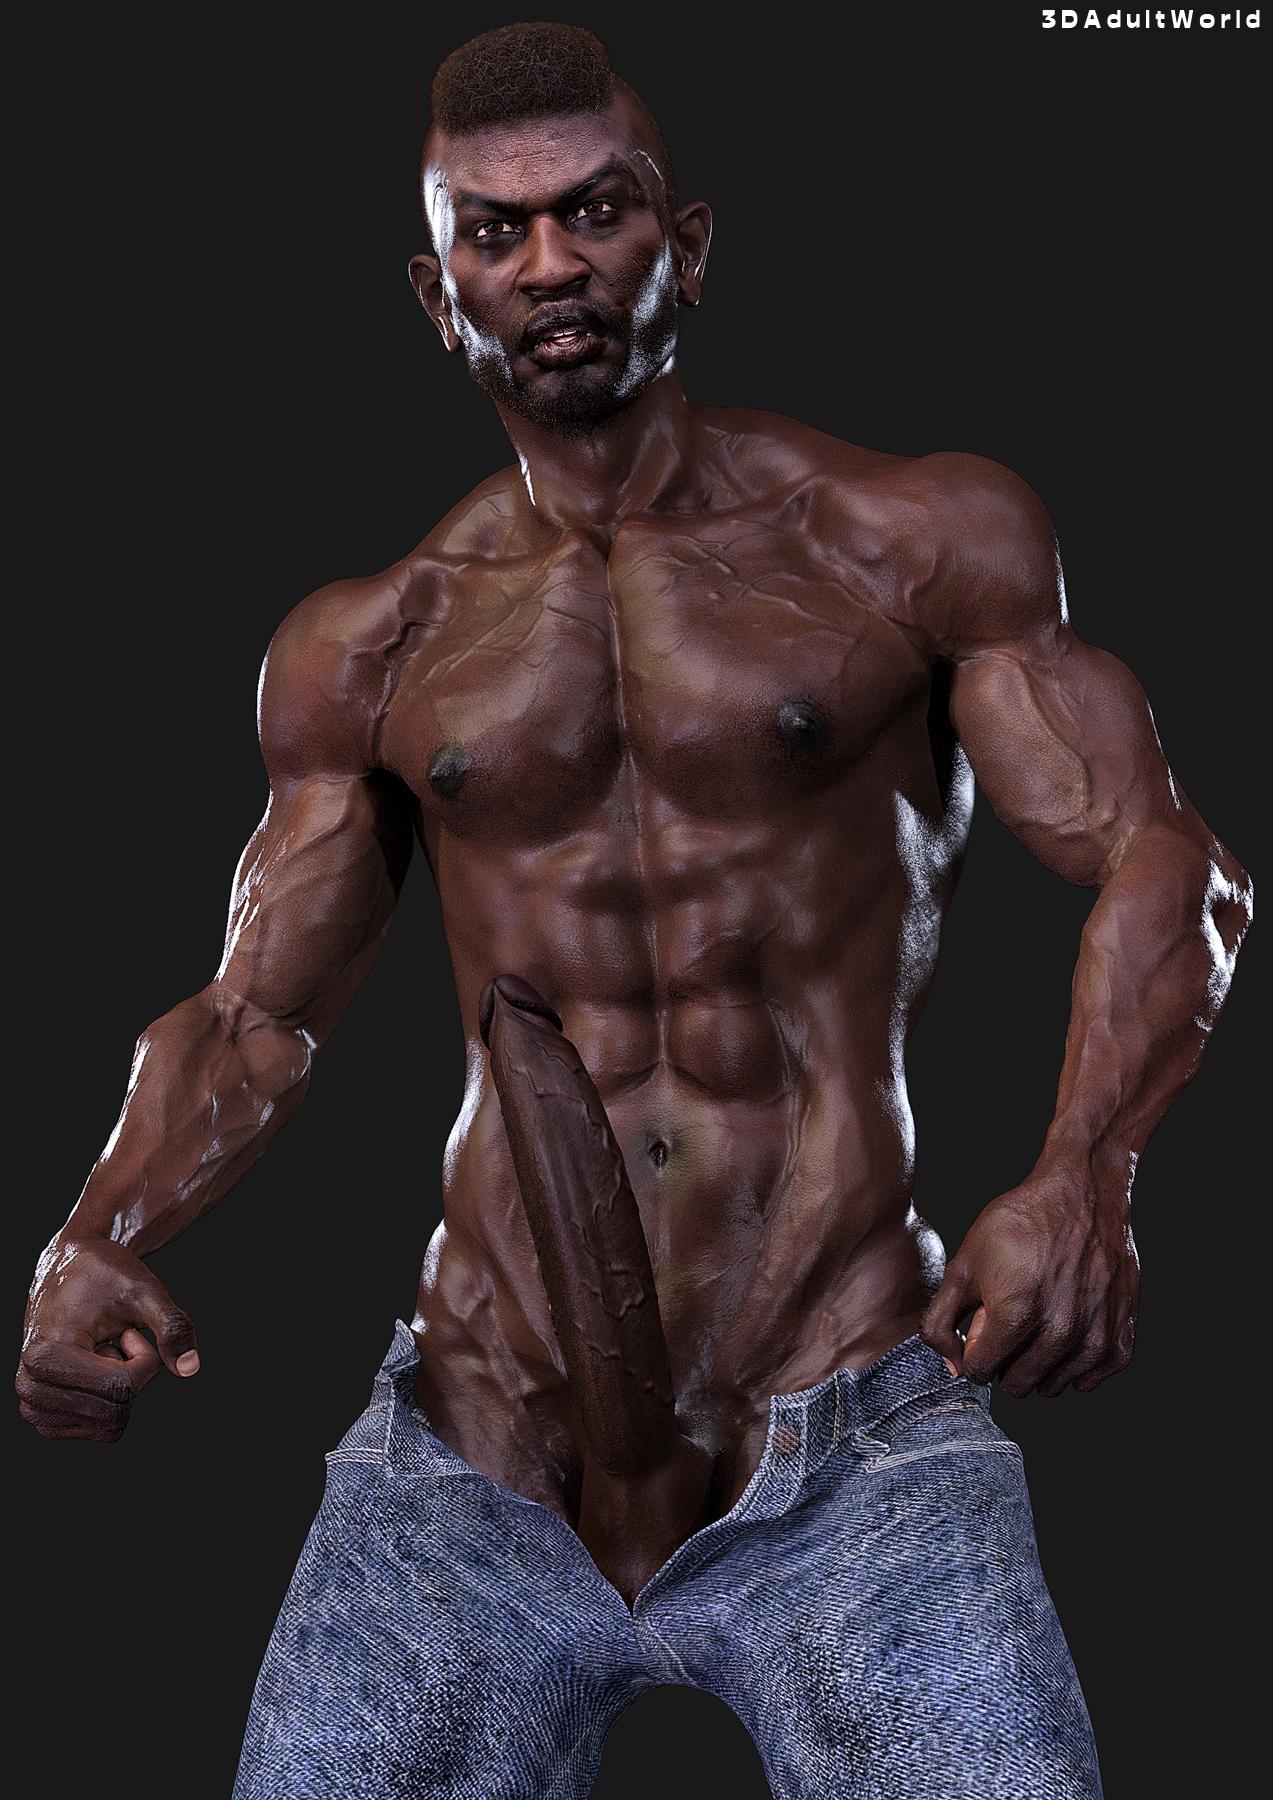 Mandongo - 3DAdultWorld Male Character